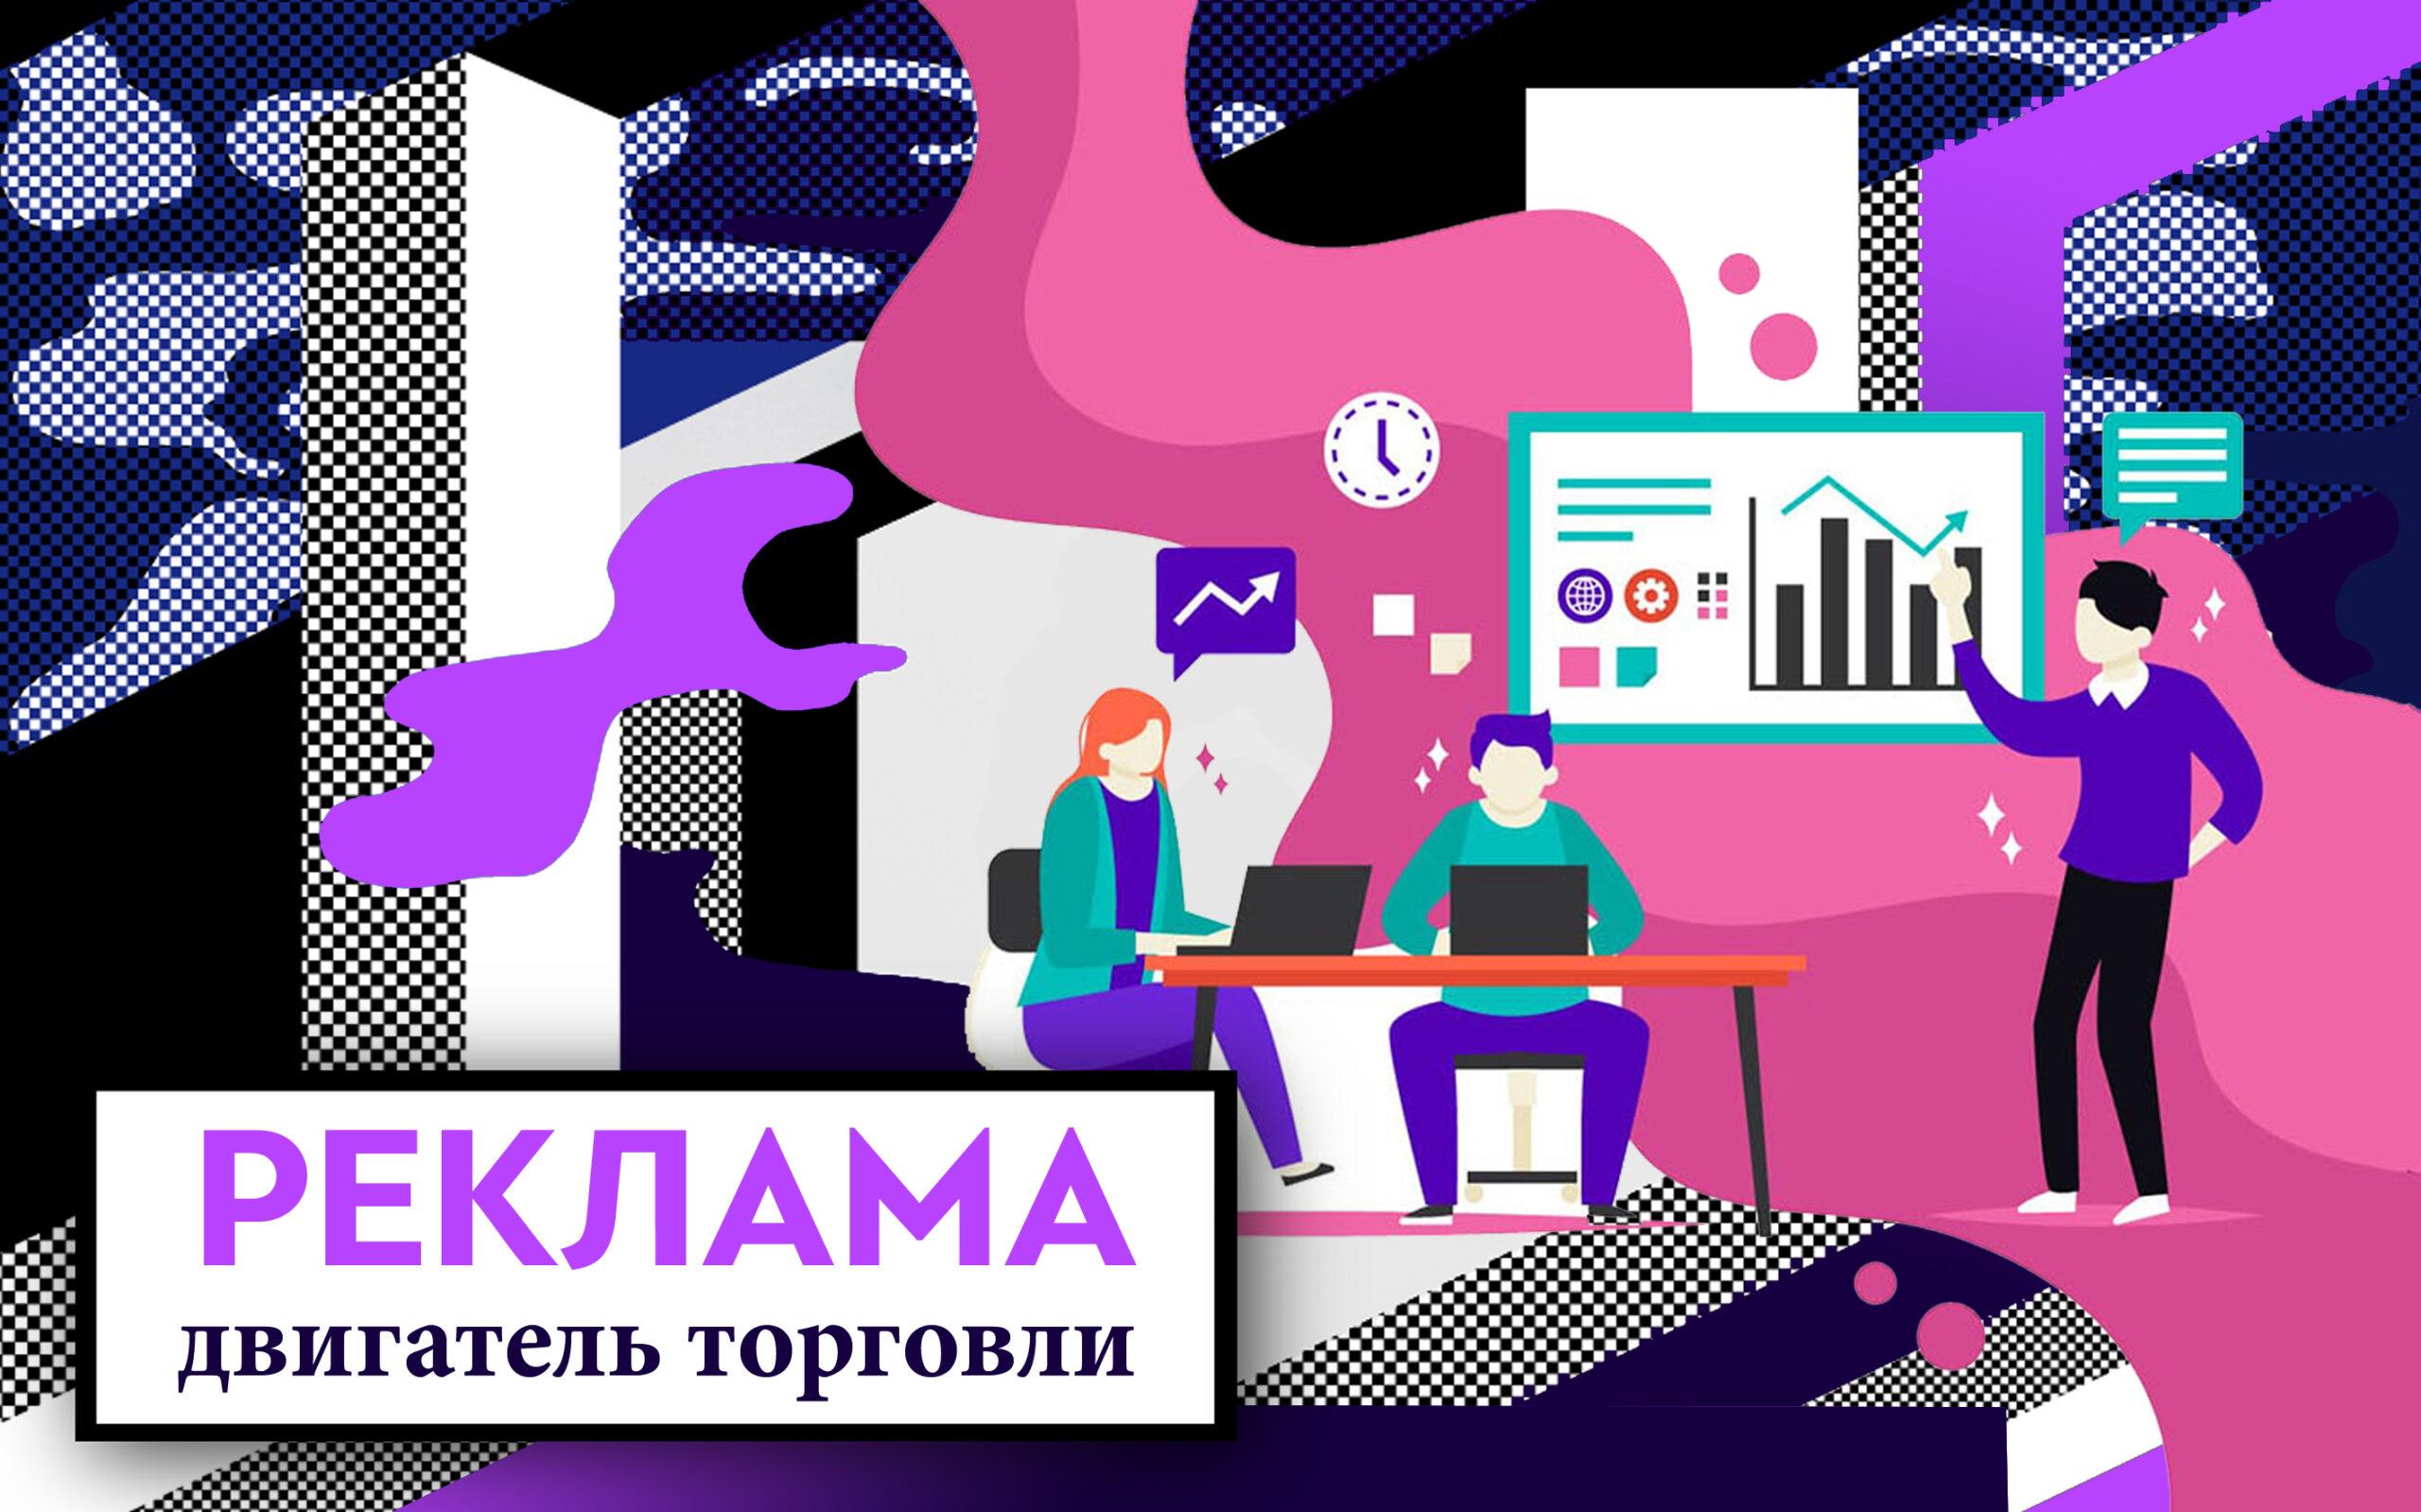 Видео-презентация «Реклама – двигатель торговли!»